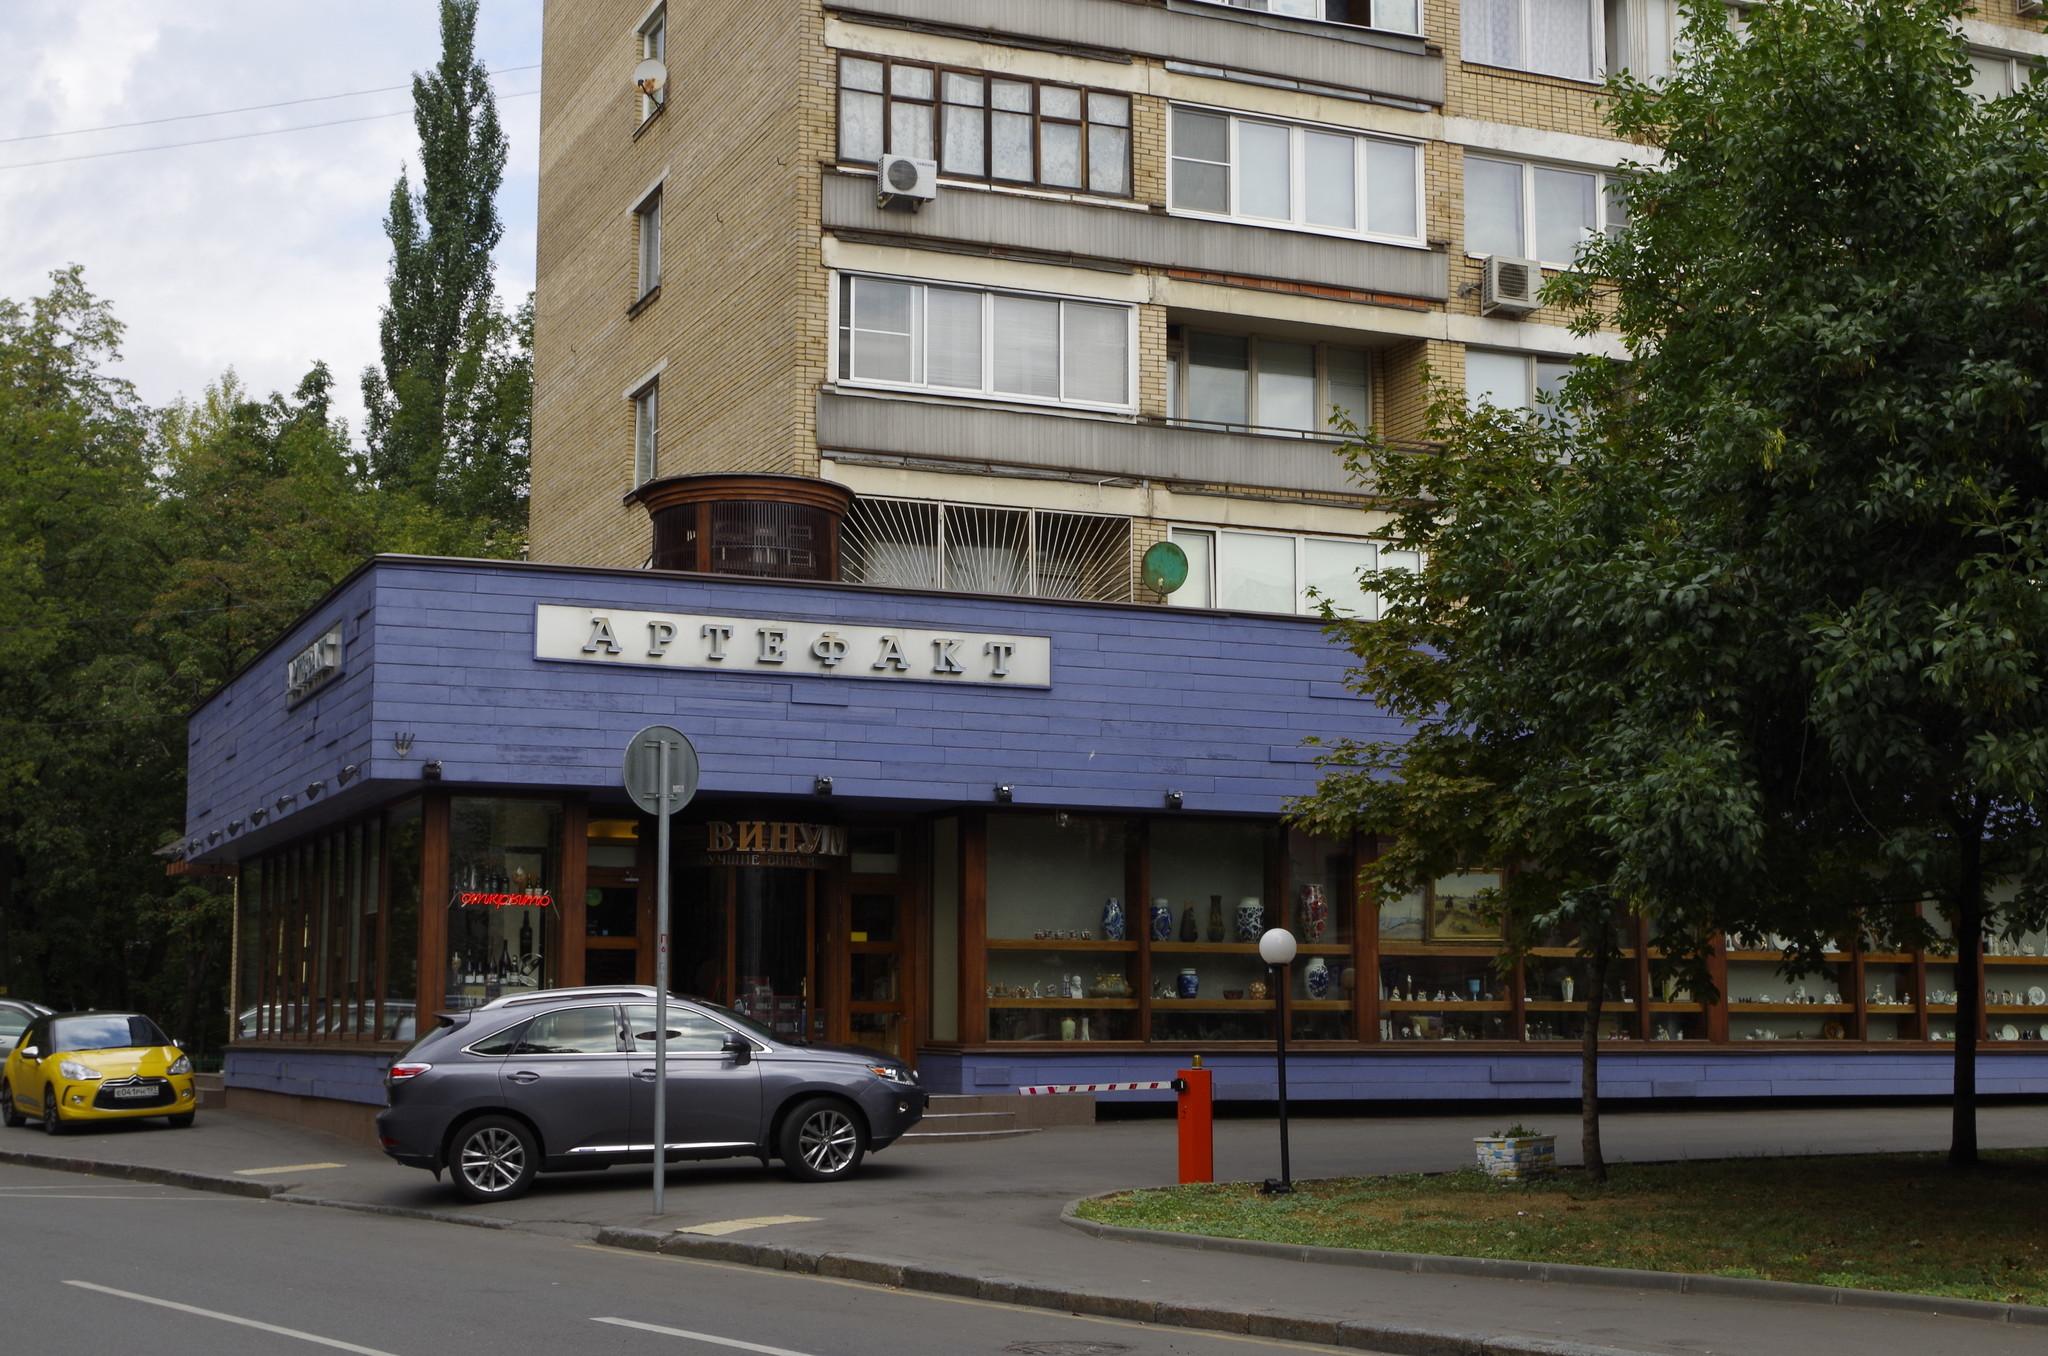 Дом № 30 по улице Пречистенке расположен через дорогу от здания Российской академии художеств